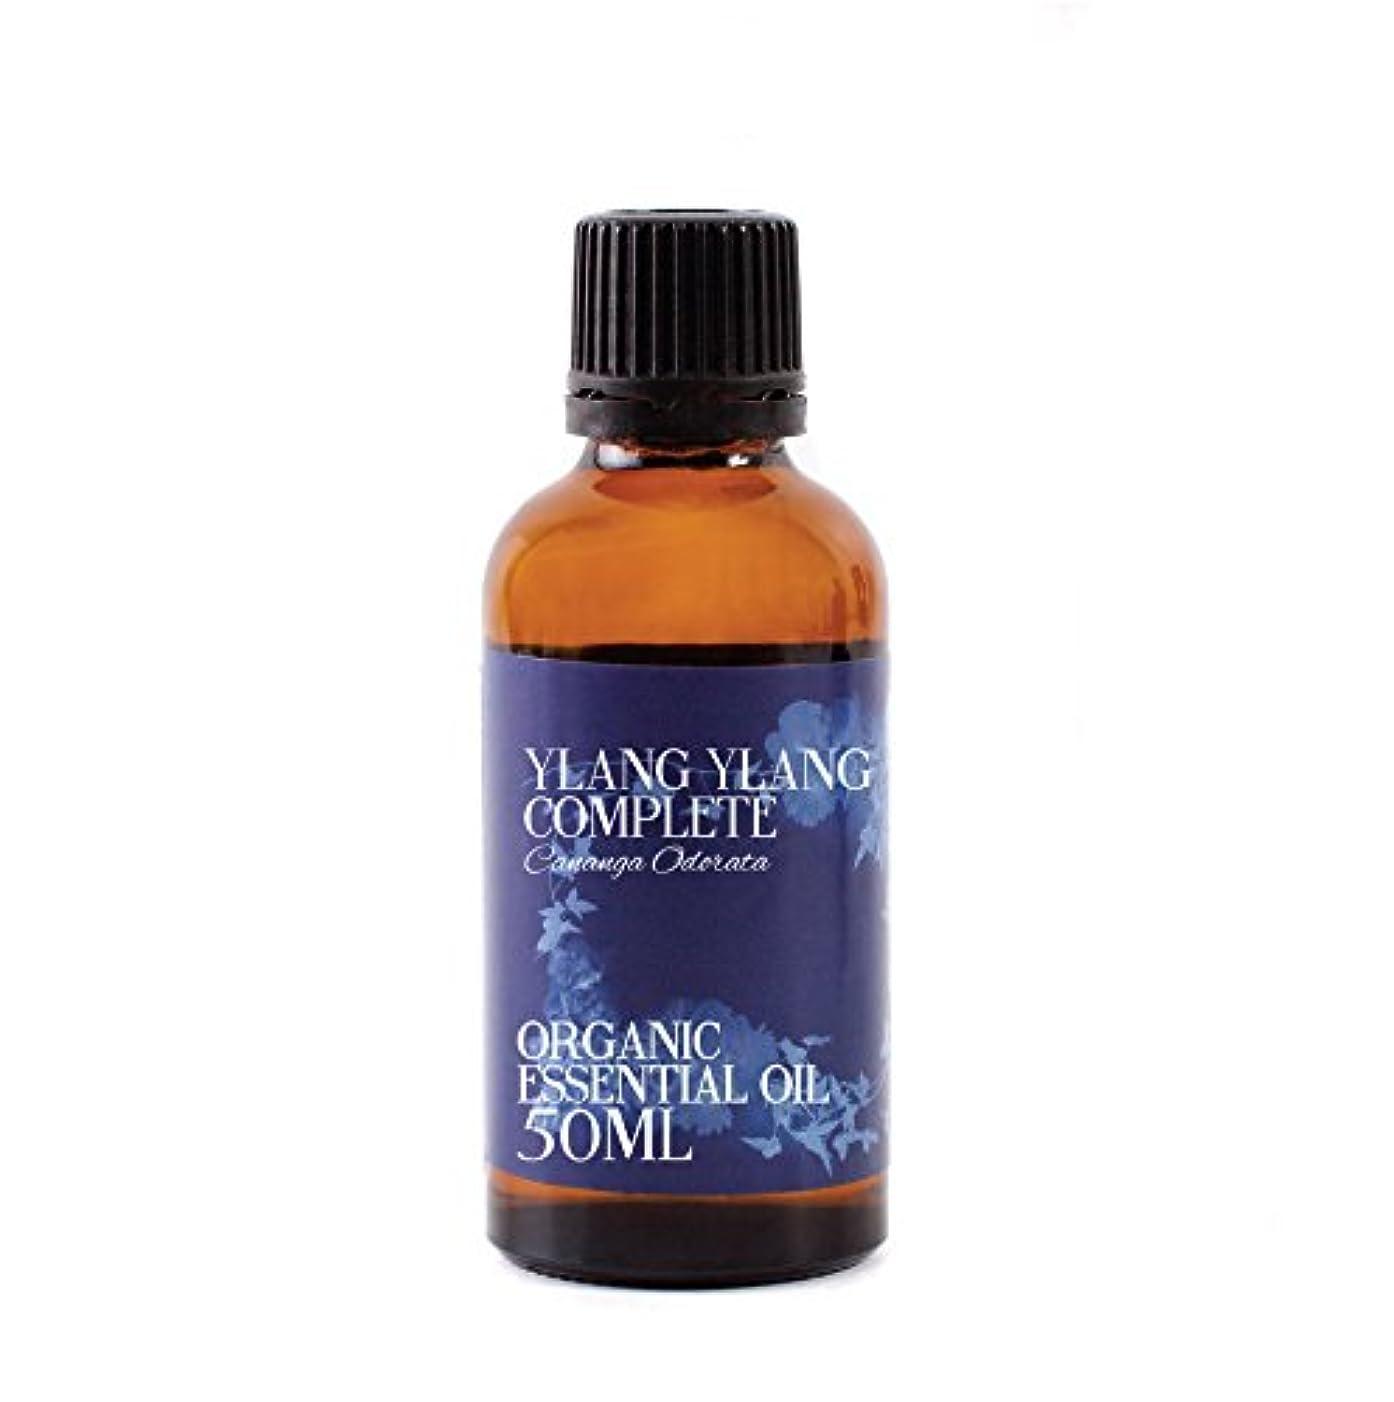 遠近法同性愛者グレートバリアリーフMystic Moments   Ylang Ylang Complete Organic Essential Oil - 50ml - 100% Pure